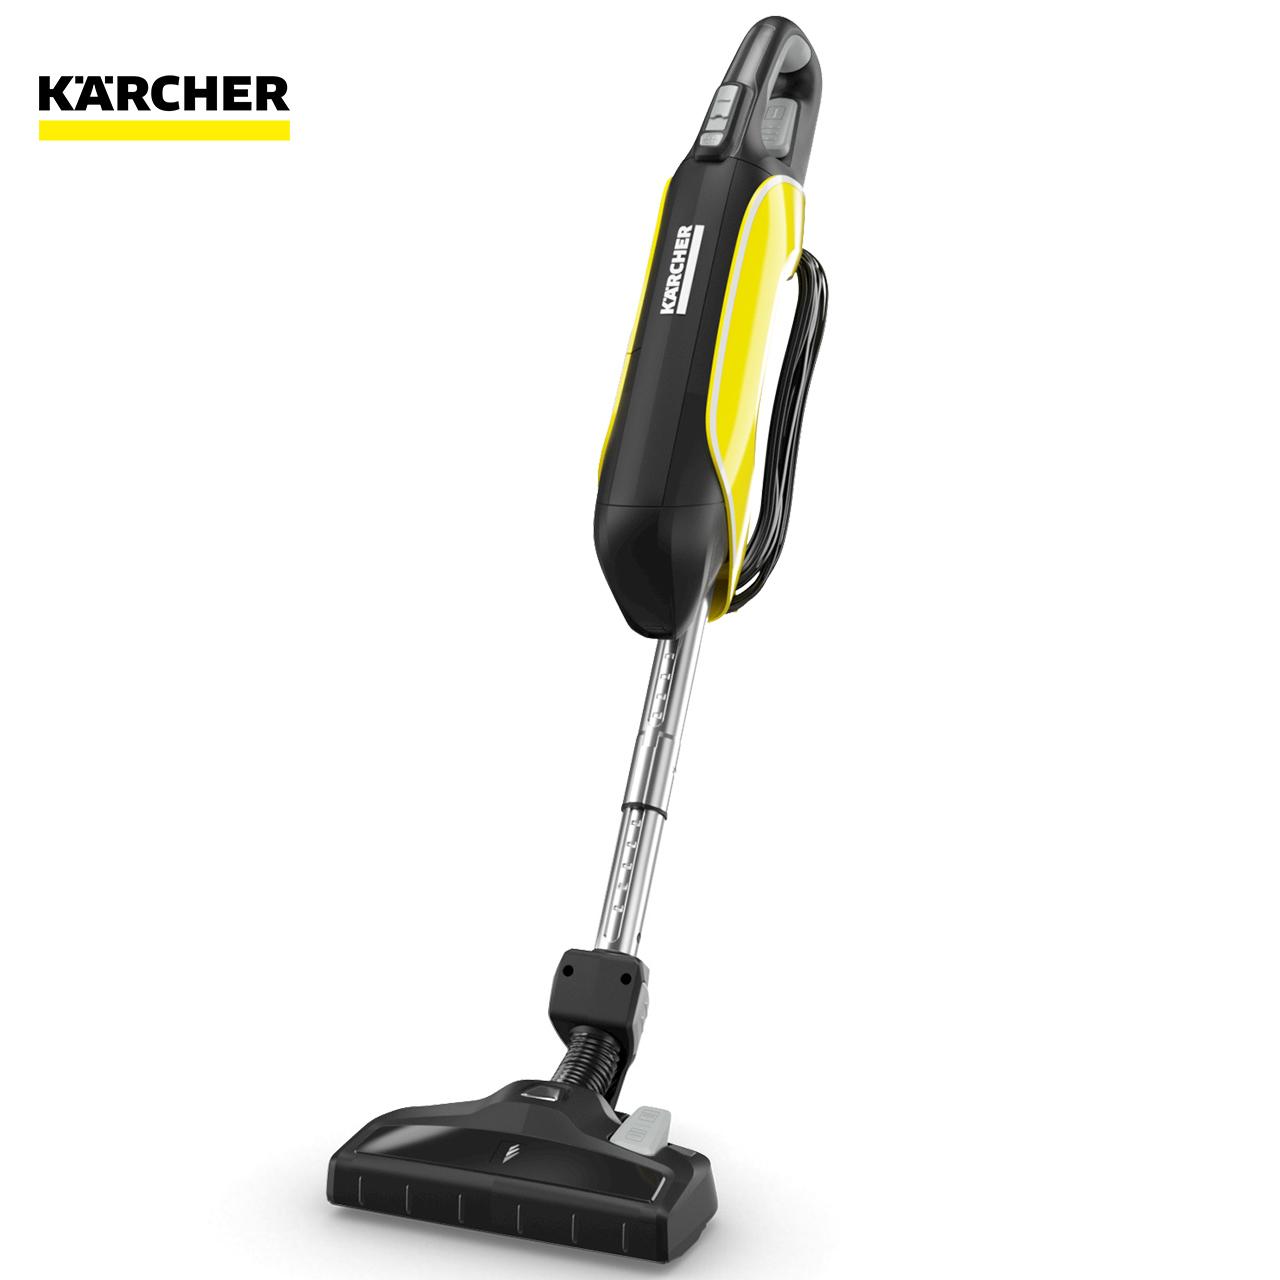 凱馳集團karcher卡赫吸塵器家用小型手持式強力除螨大功率VC5